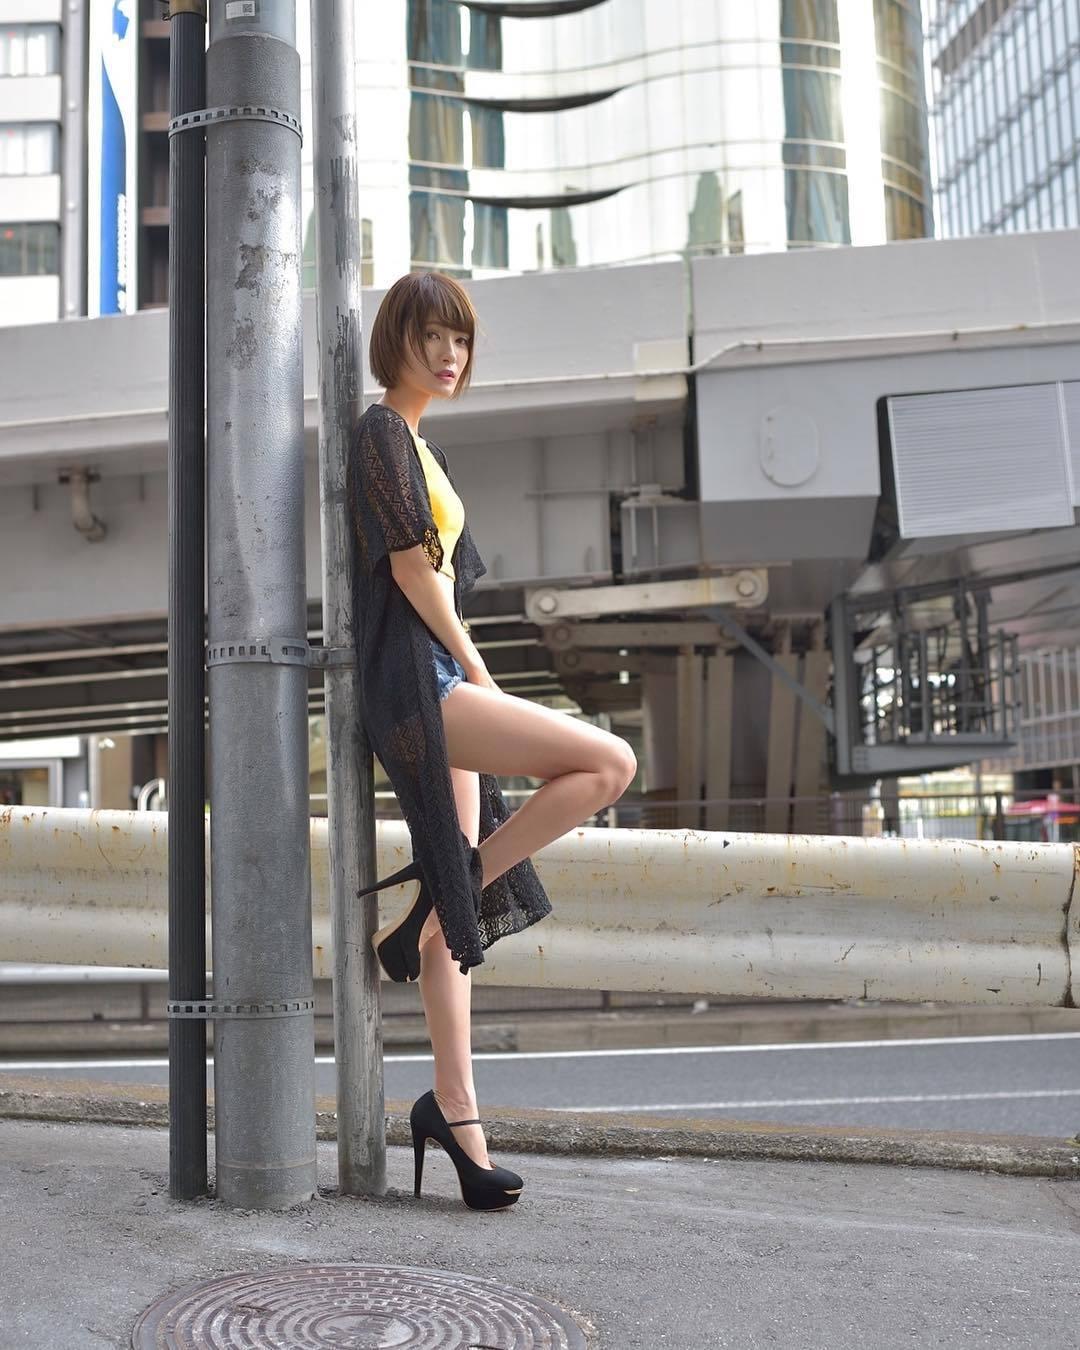 腿控必看.女体摄影师《ペム太》用镜头捕捉每一双不容错过的各种美腿. 养眼图片 第5张